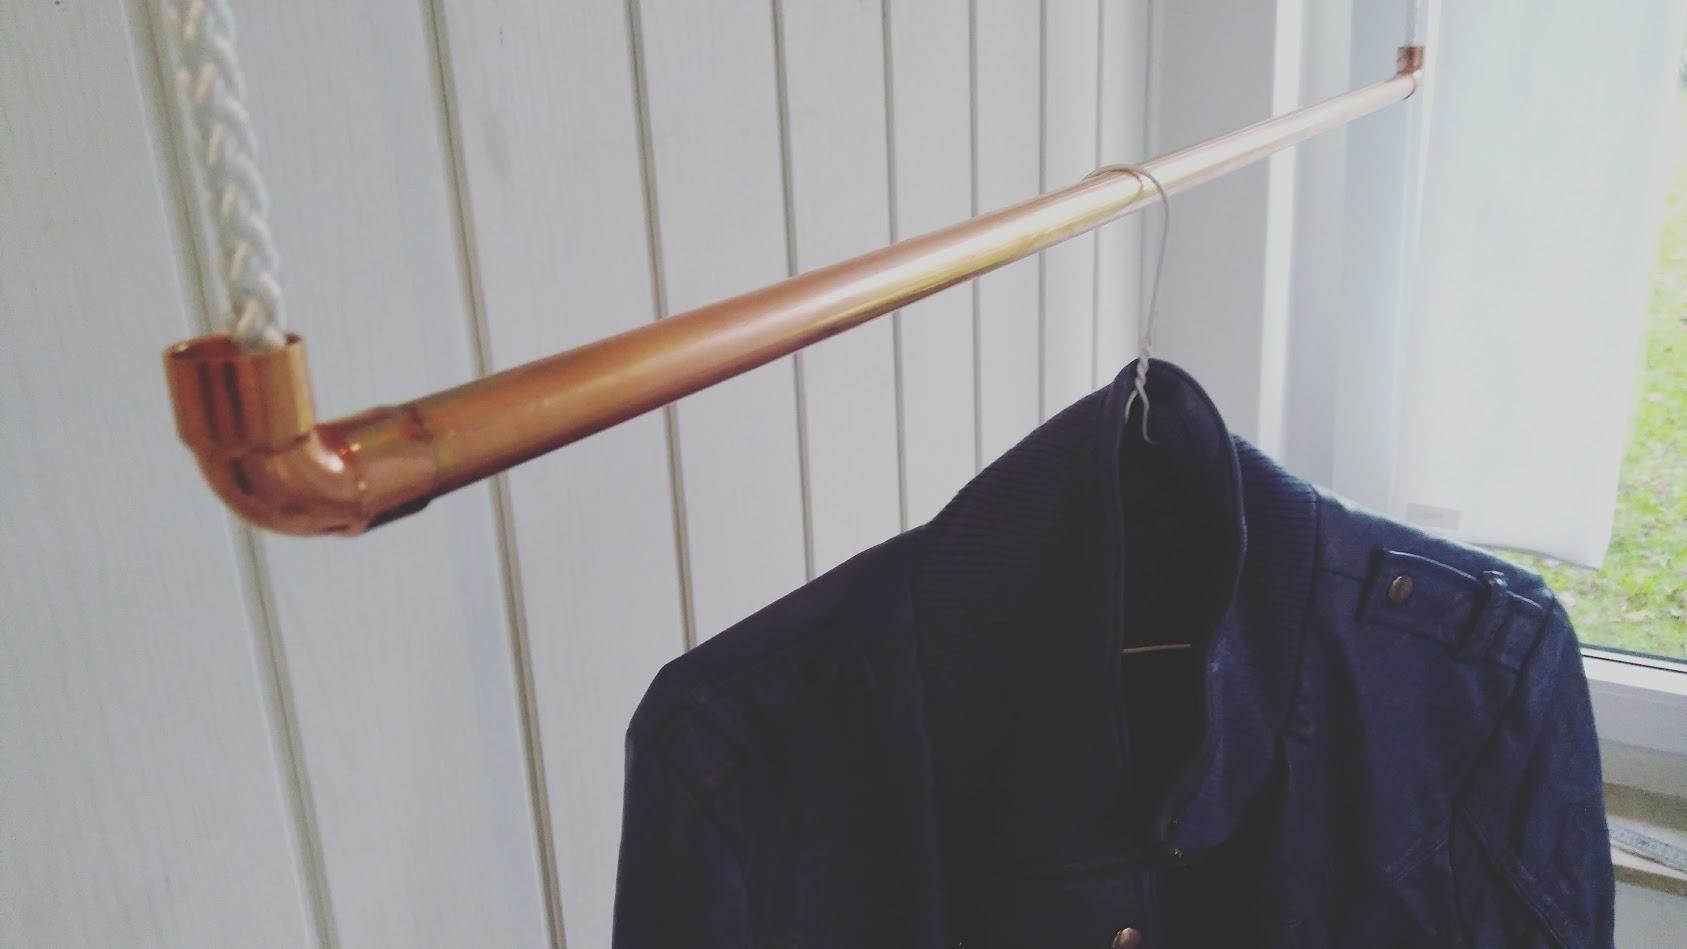 90 cm Premium Design Kleiderstange, Garderobenstange, aus Kupfer und Baumwollseil (weiß) hängend, De